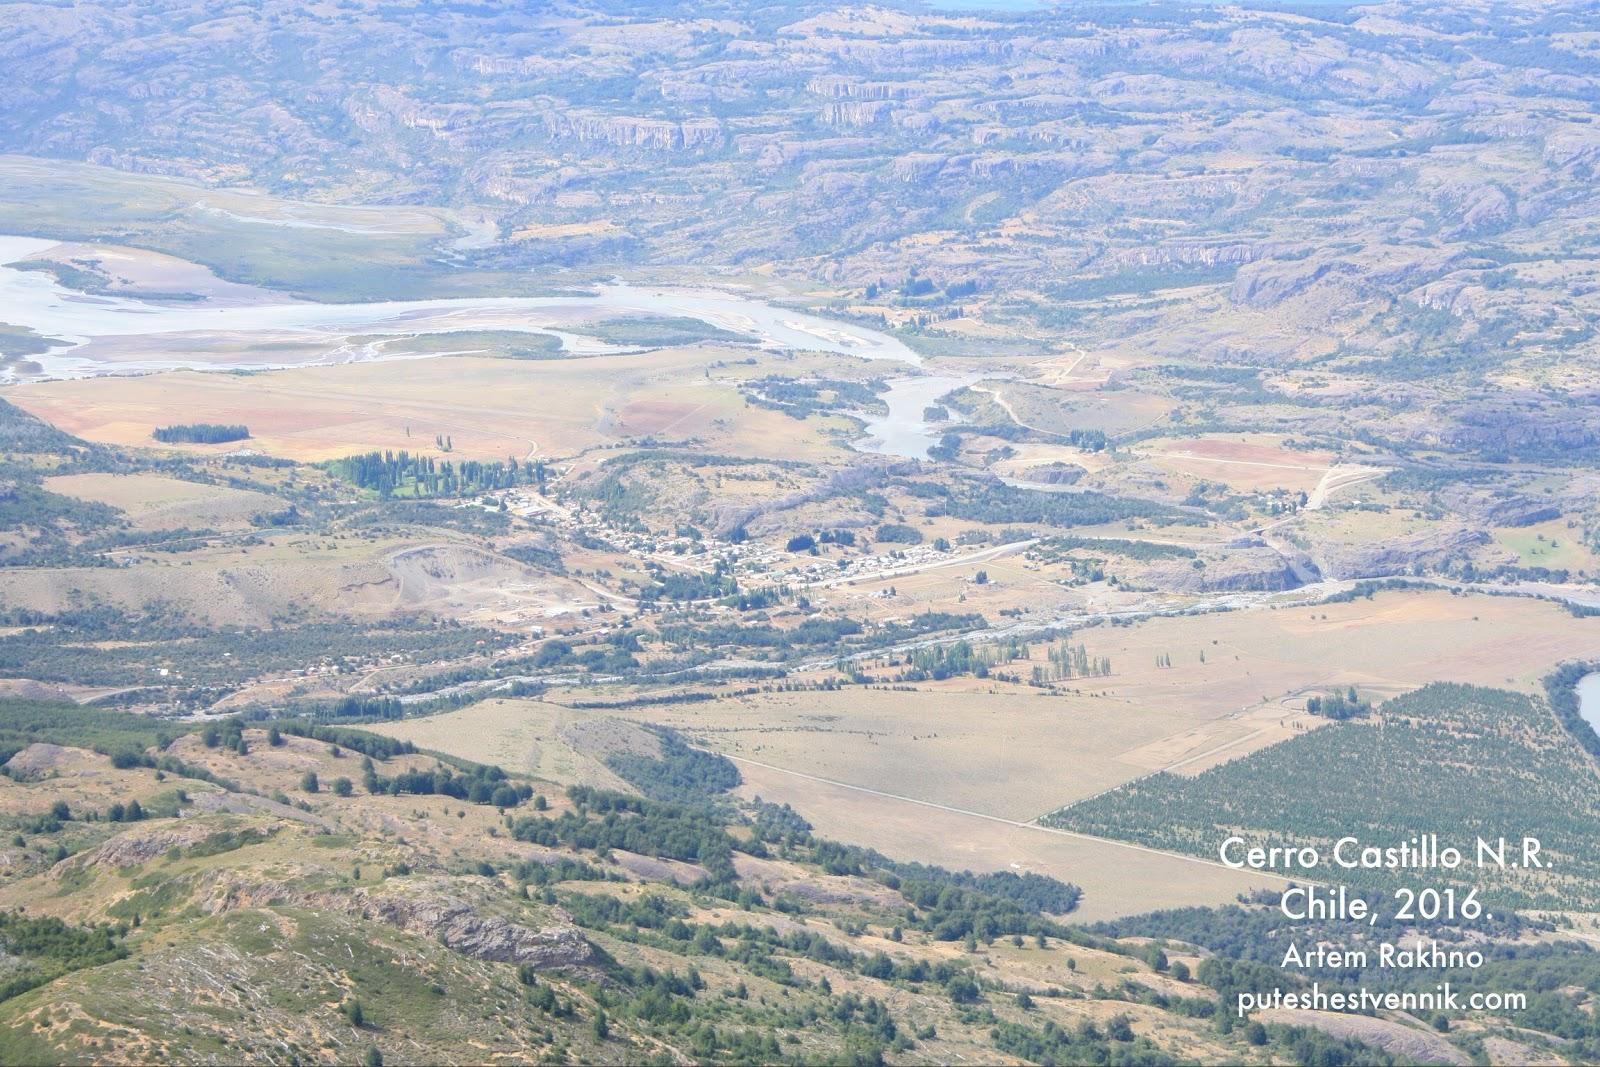 Вид с высоты птичьего полета на Виллу Серро Кастильо